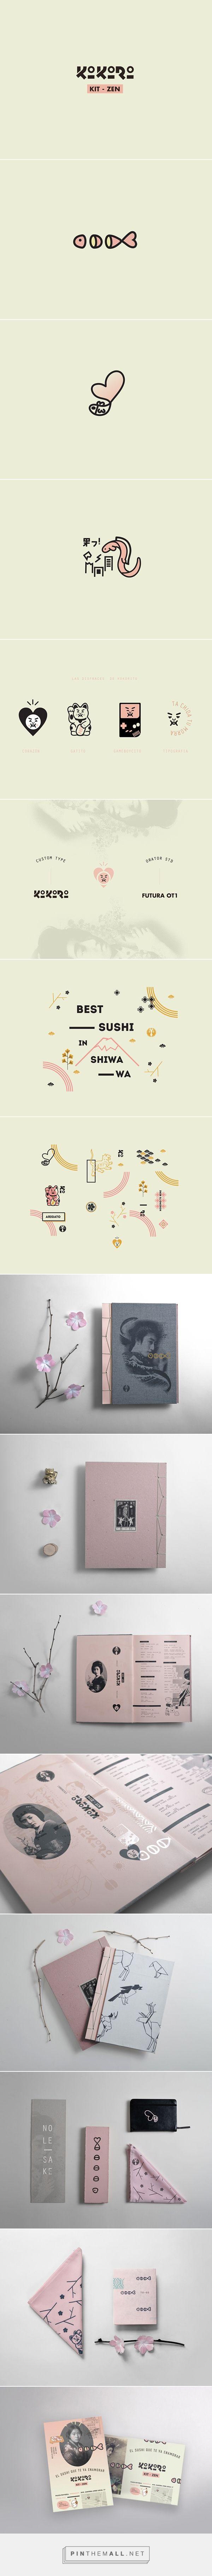 Kokoro kit zen on Behance   Fivestar Branding – Design and Branding Agency & Inspiration Gallery